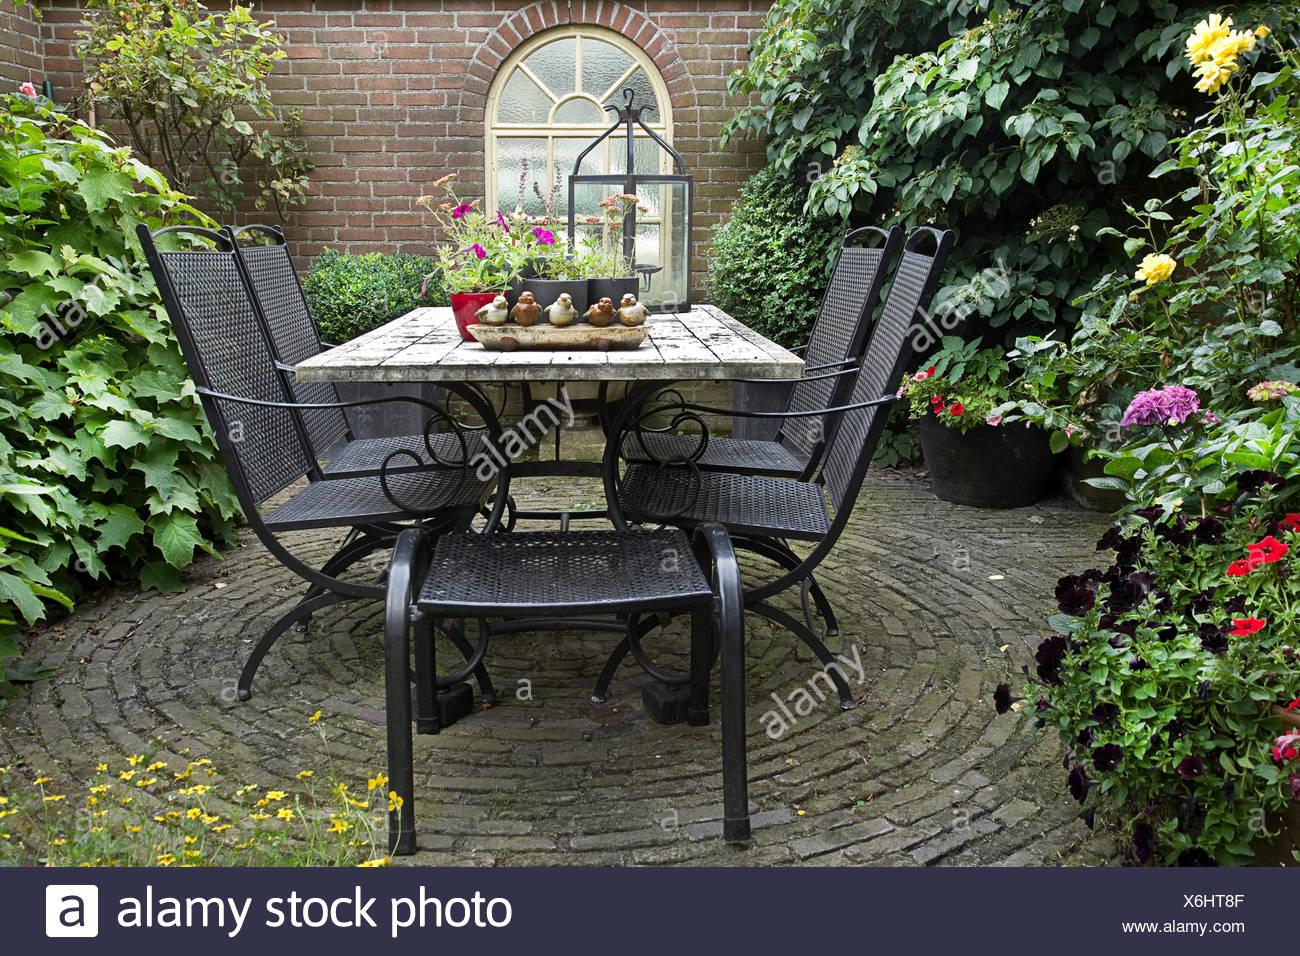 Eisentisch Garten.Geschmiedete Eisentisch Und Stühle Im Garten Mit Blumen